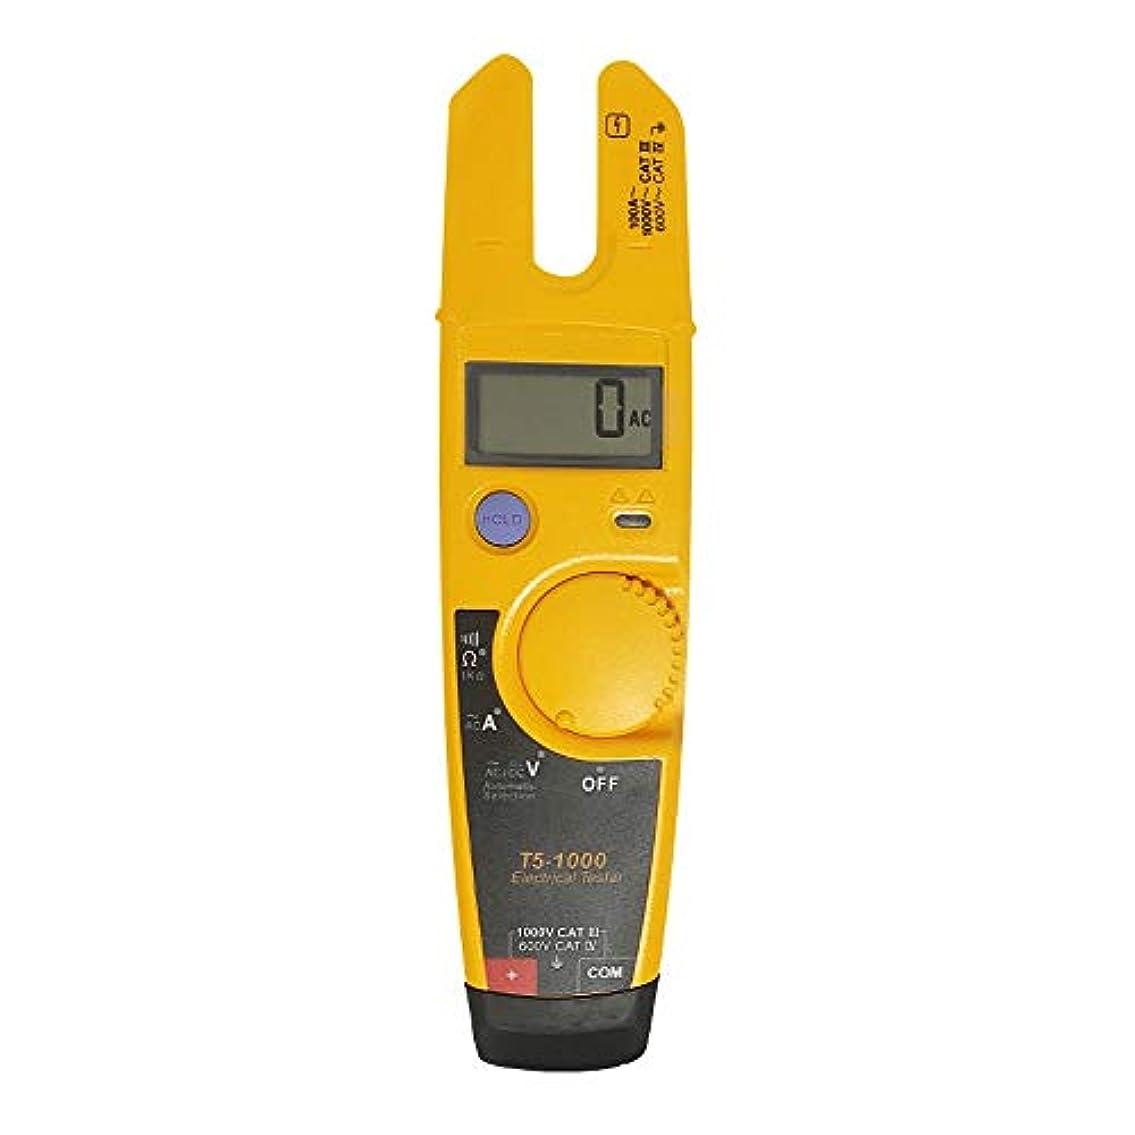 含意甘い好きZHQJP Labloot ソフトケース付き T5-600 クランプメーター 電圧 連続電流 クランプメーター